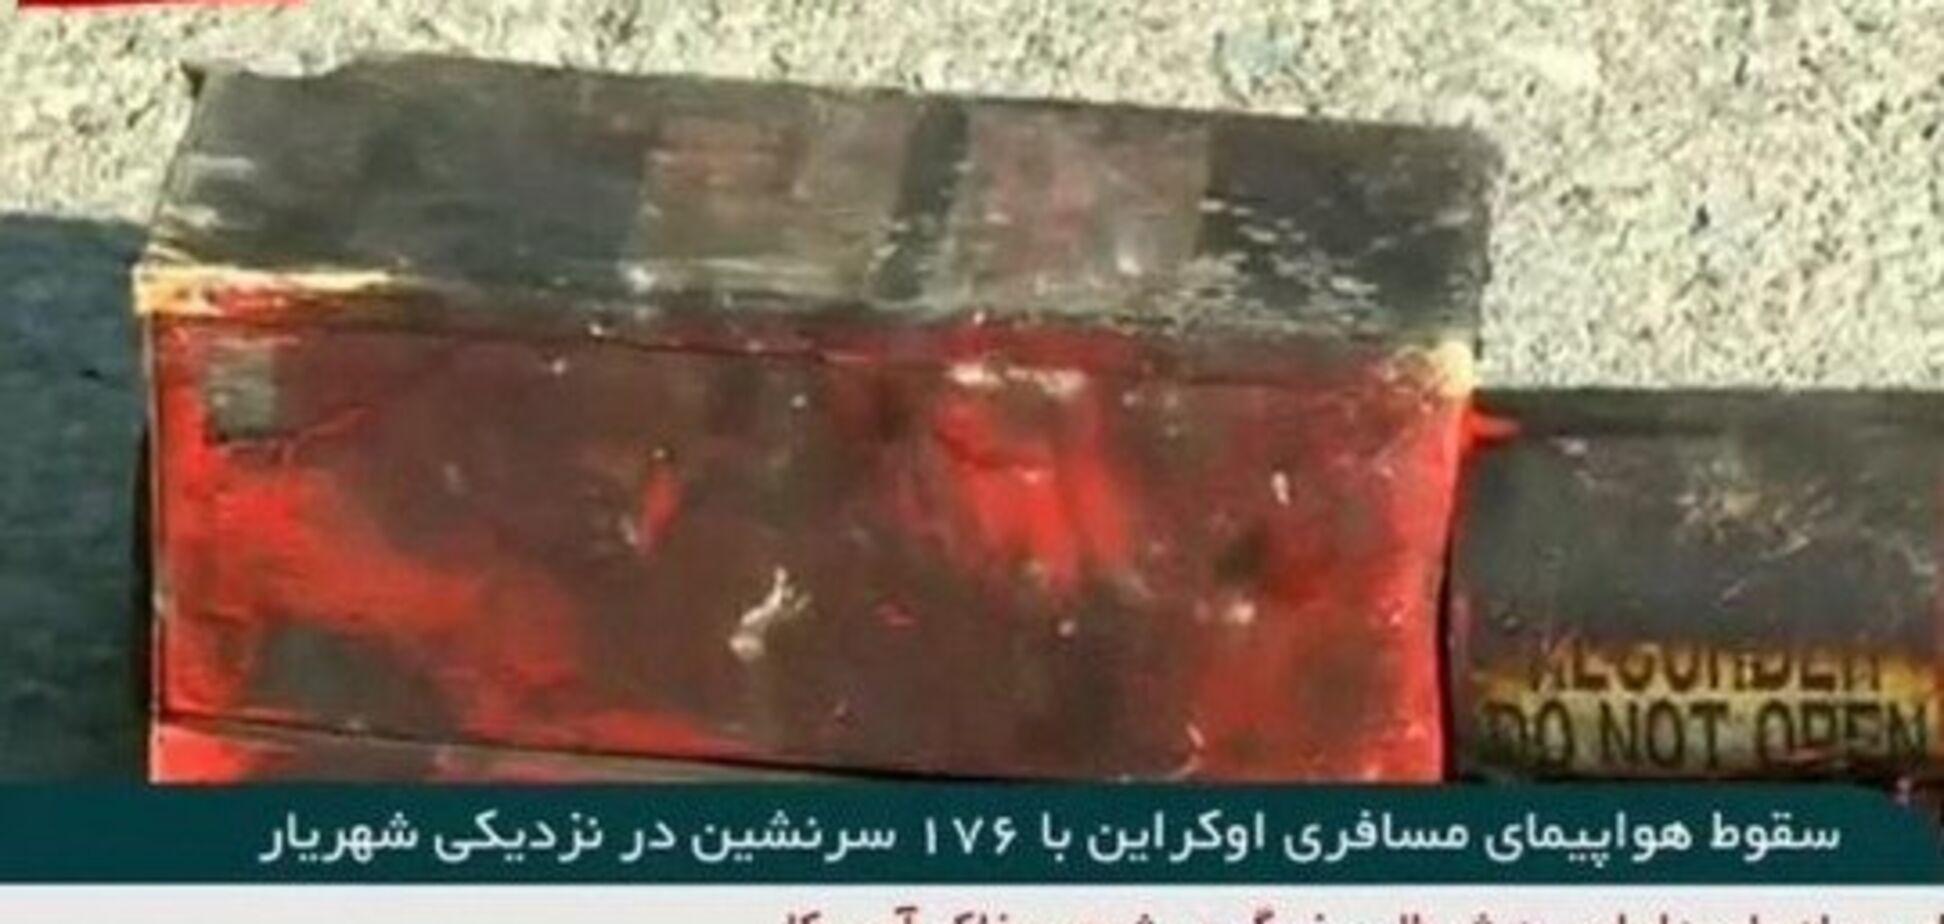 Іран не зможе приховати сліди: з'ясувалася доля 'чорних скриньок' Boeing 737